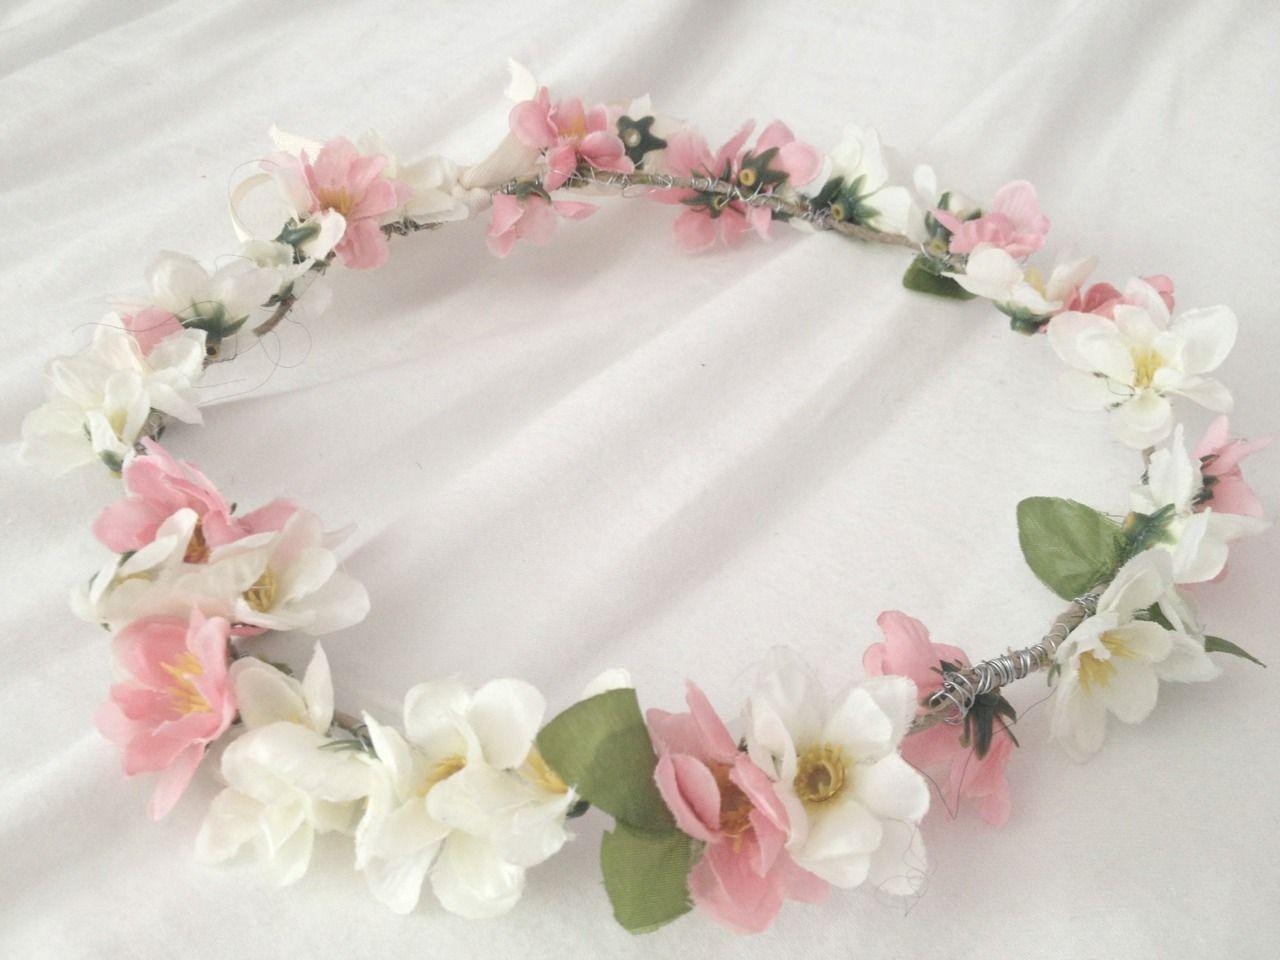 blippo kawaii shop kawaii cute pinterest flower appropriate and cute picsig blippo kawaii shop izmirmasajfo